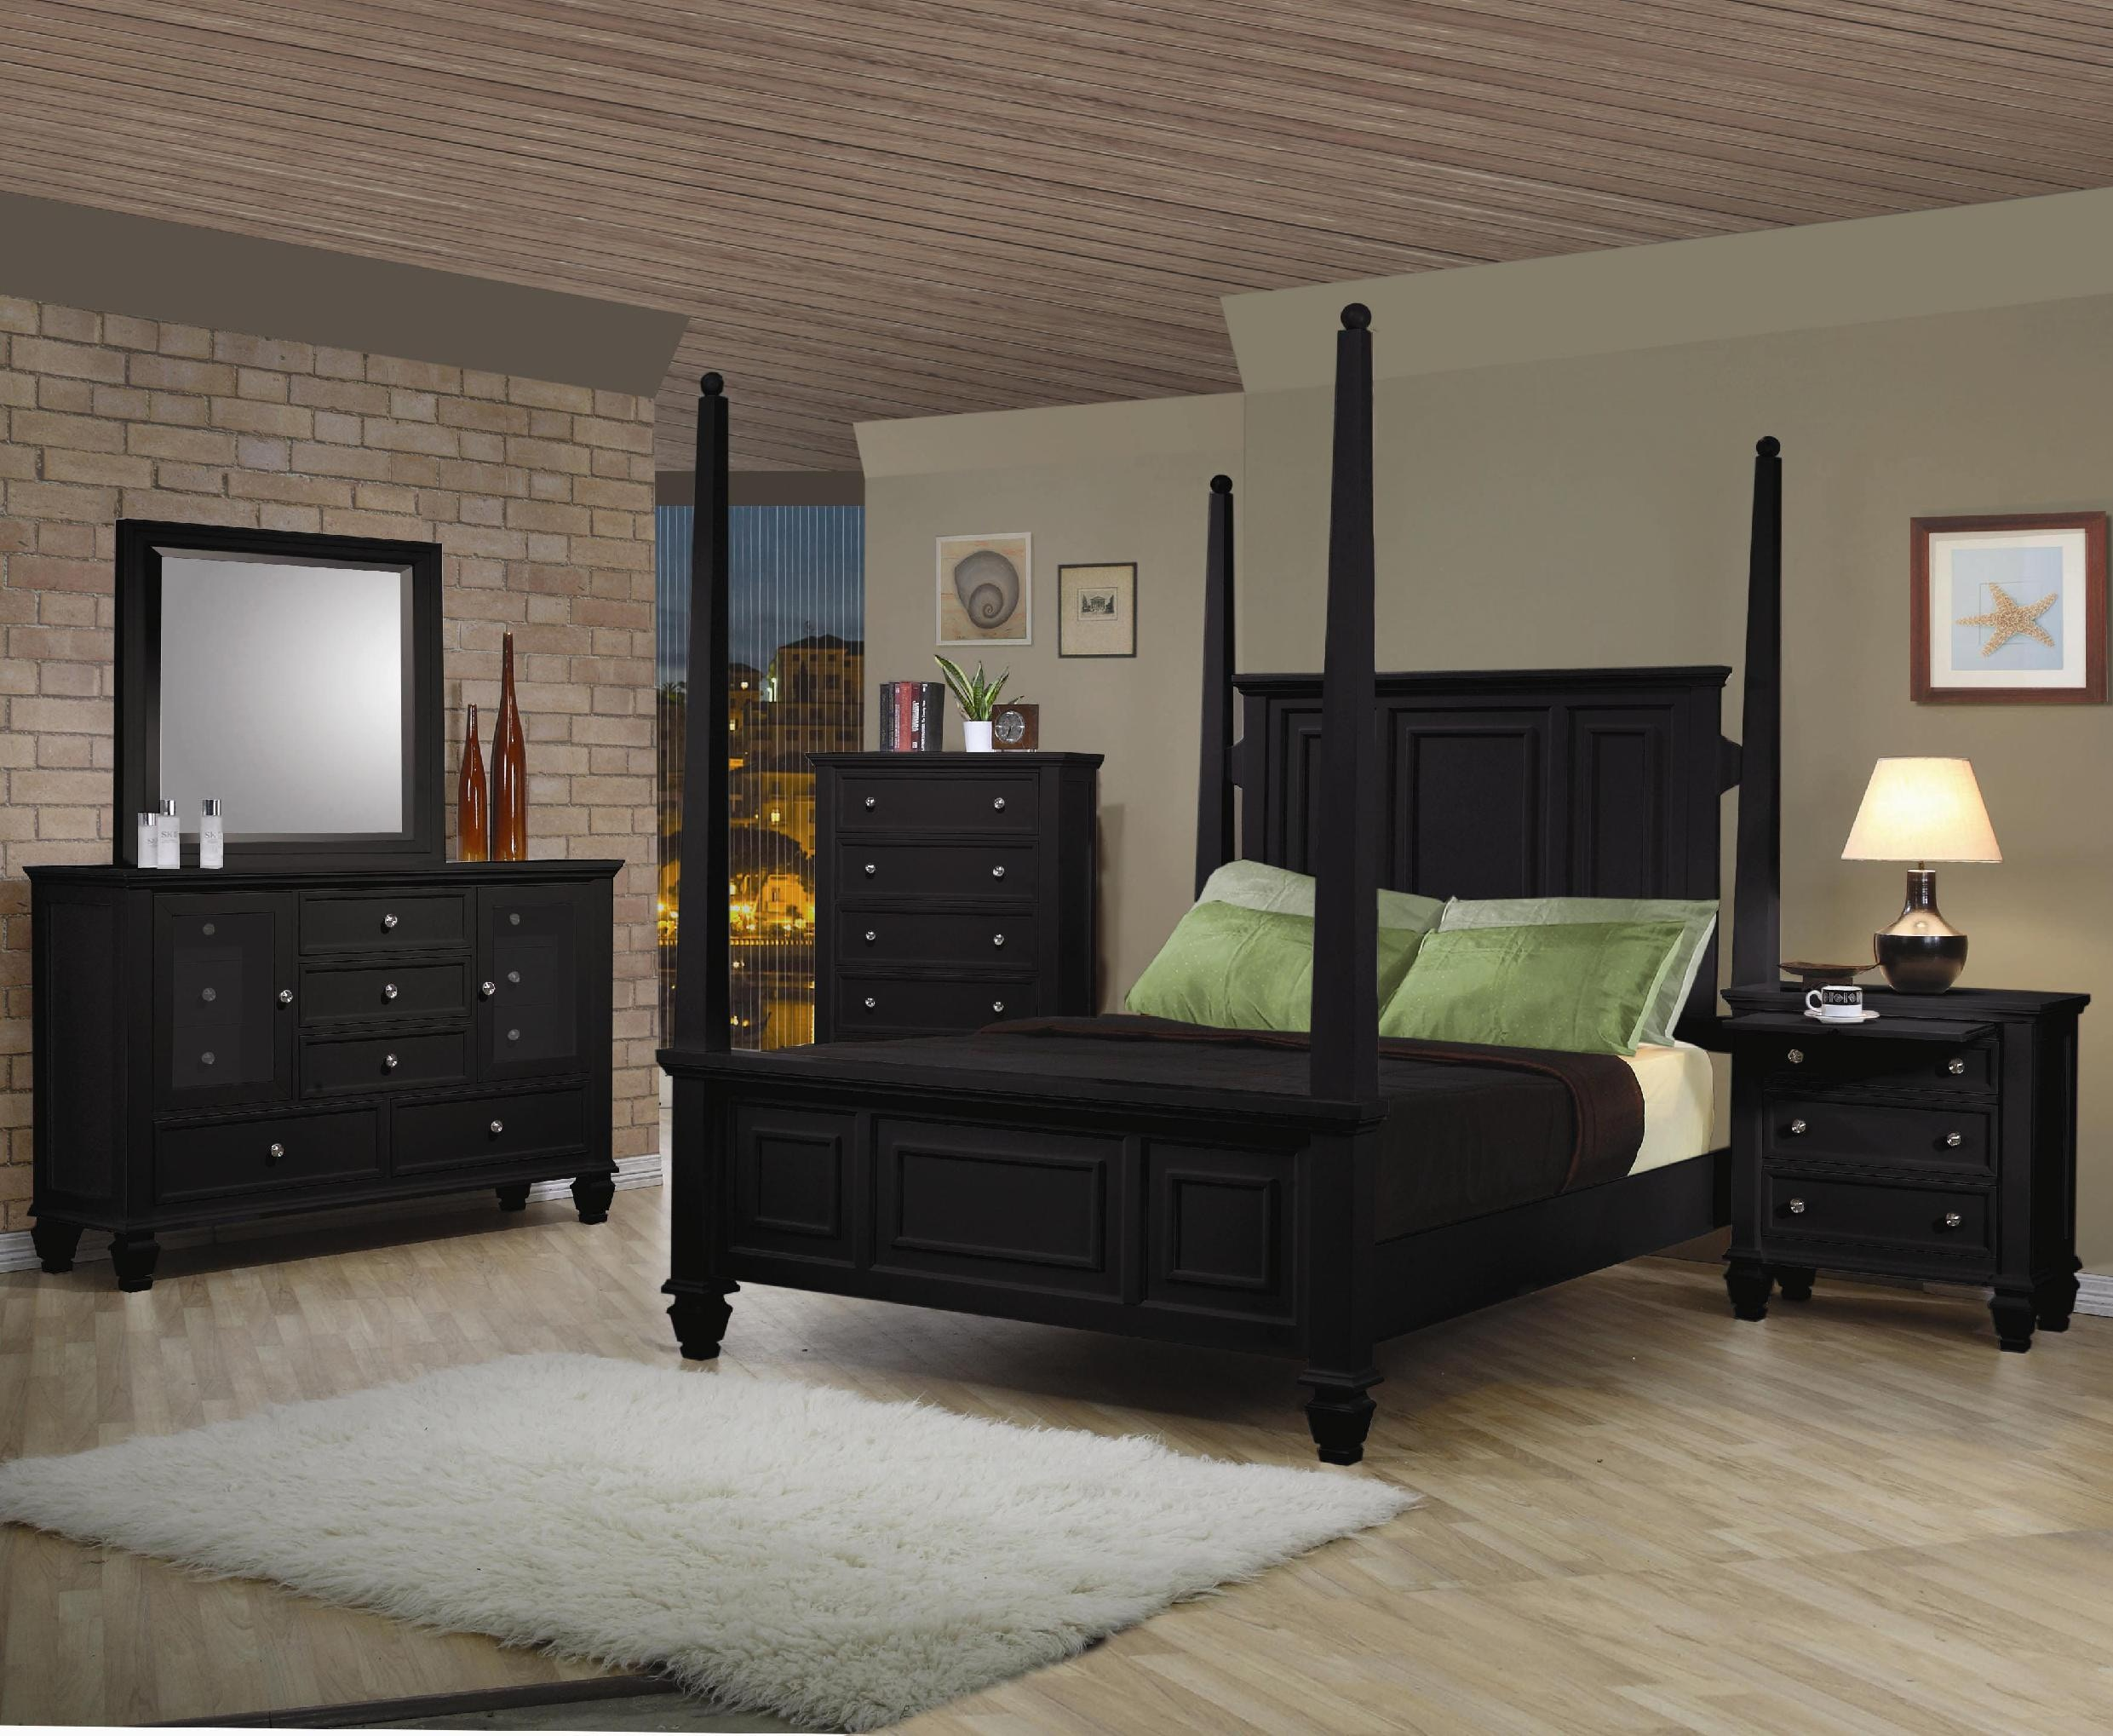 Comgrand Homes Design Center : ... Mirror 201324 - Home Design Center - Freeport, Grand Bahama Island